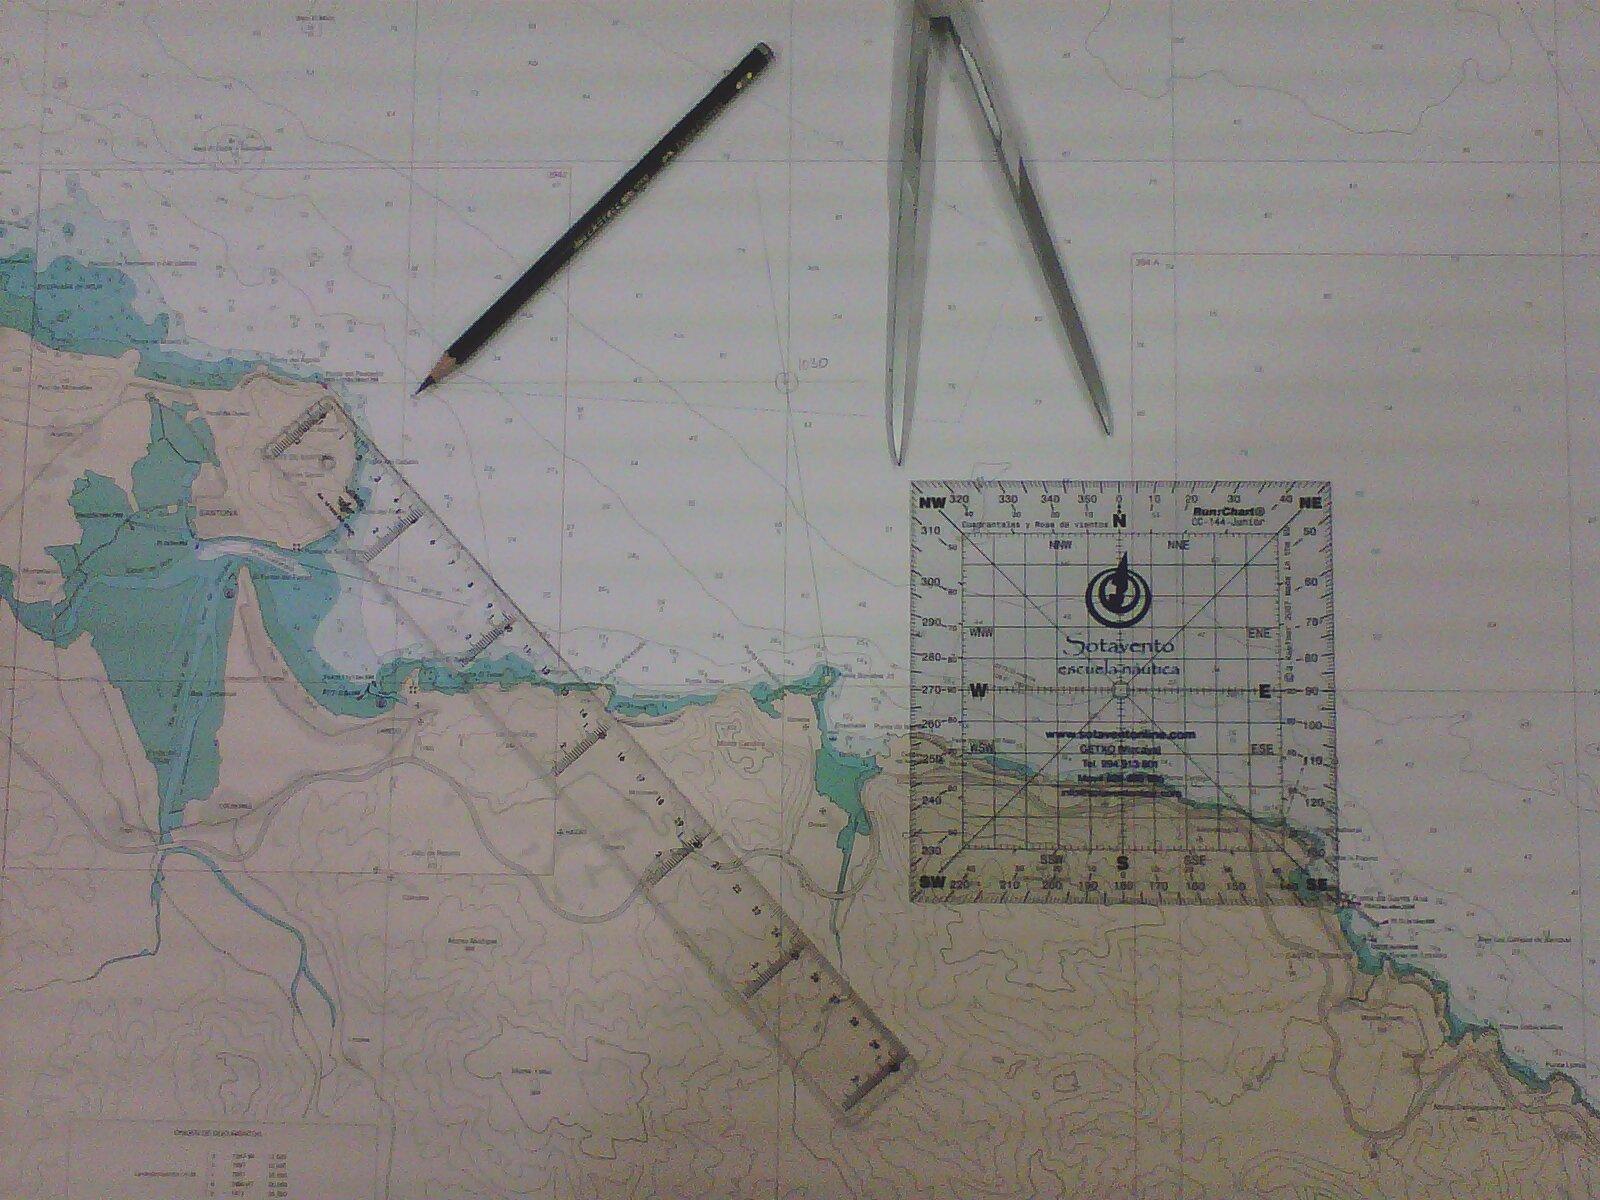 La carta de papel sigue siendo un elemento básico para poder saber por dónde navegamos